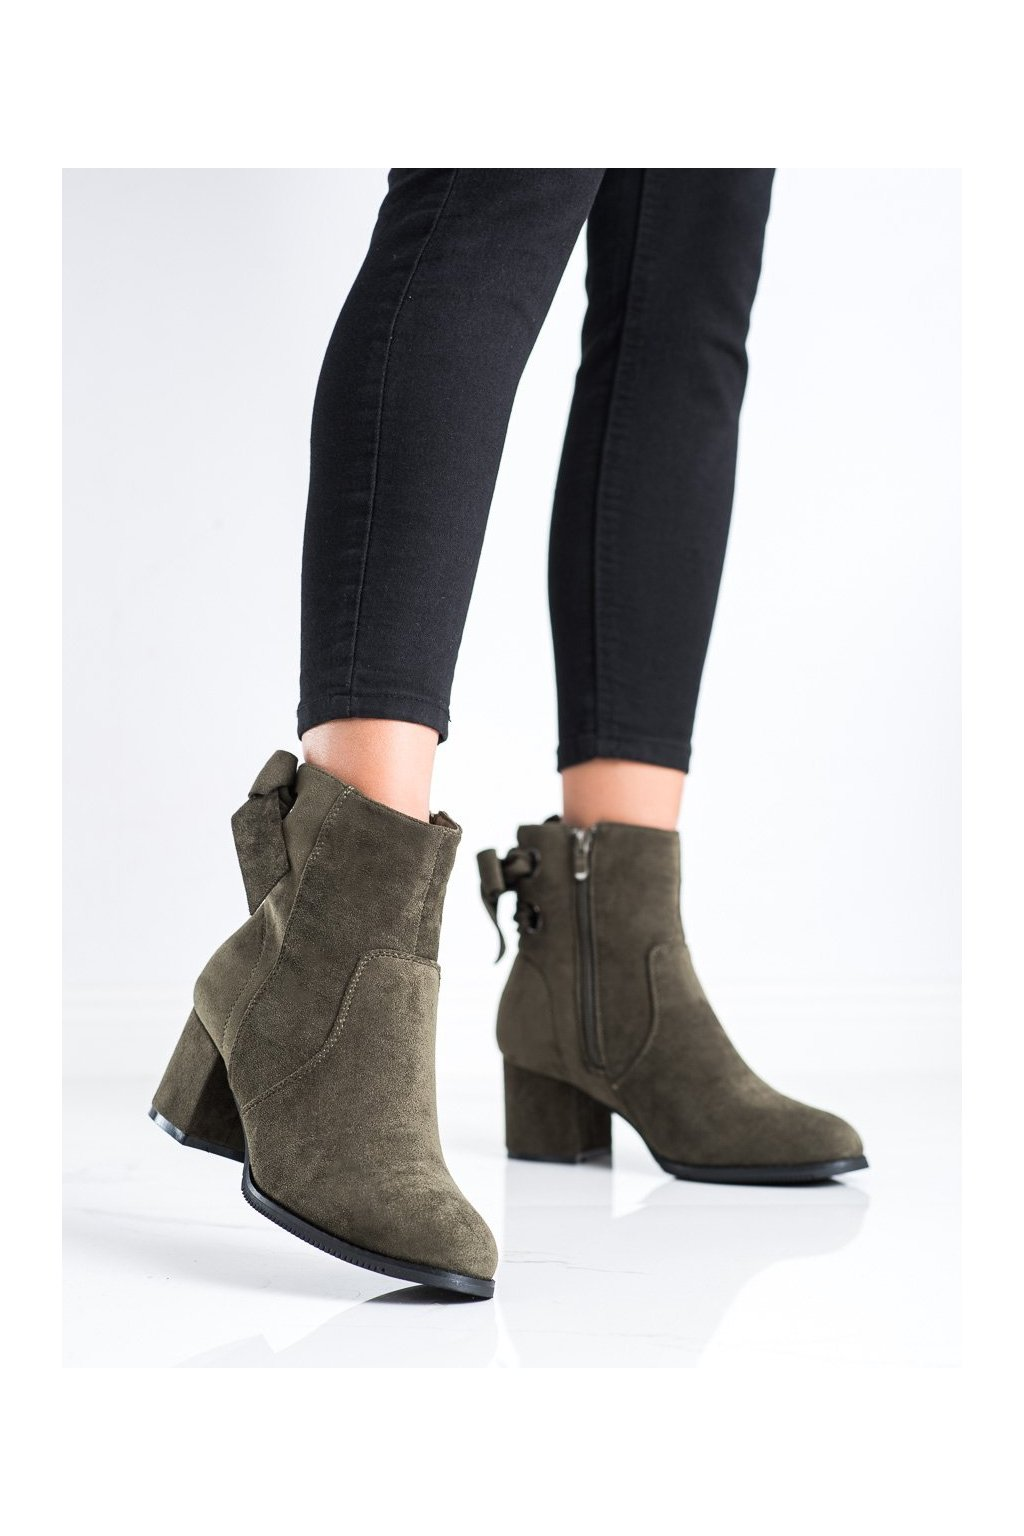 Zelené dámske topánky J. star kod 20Y8054GR